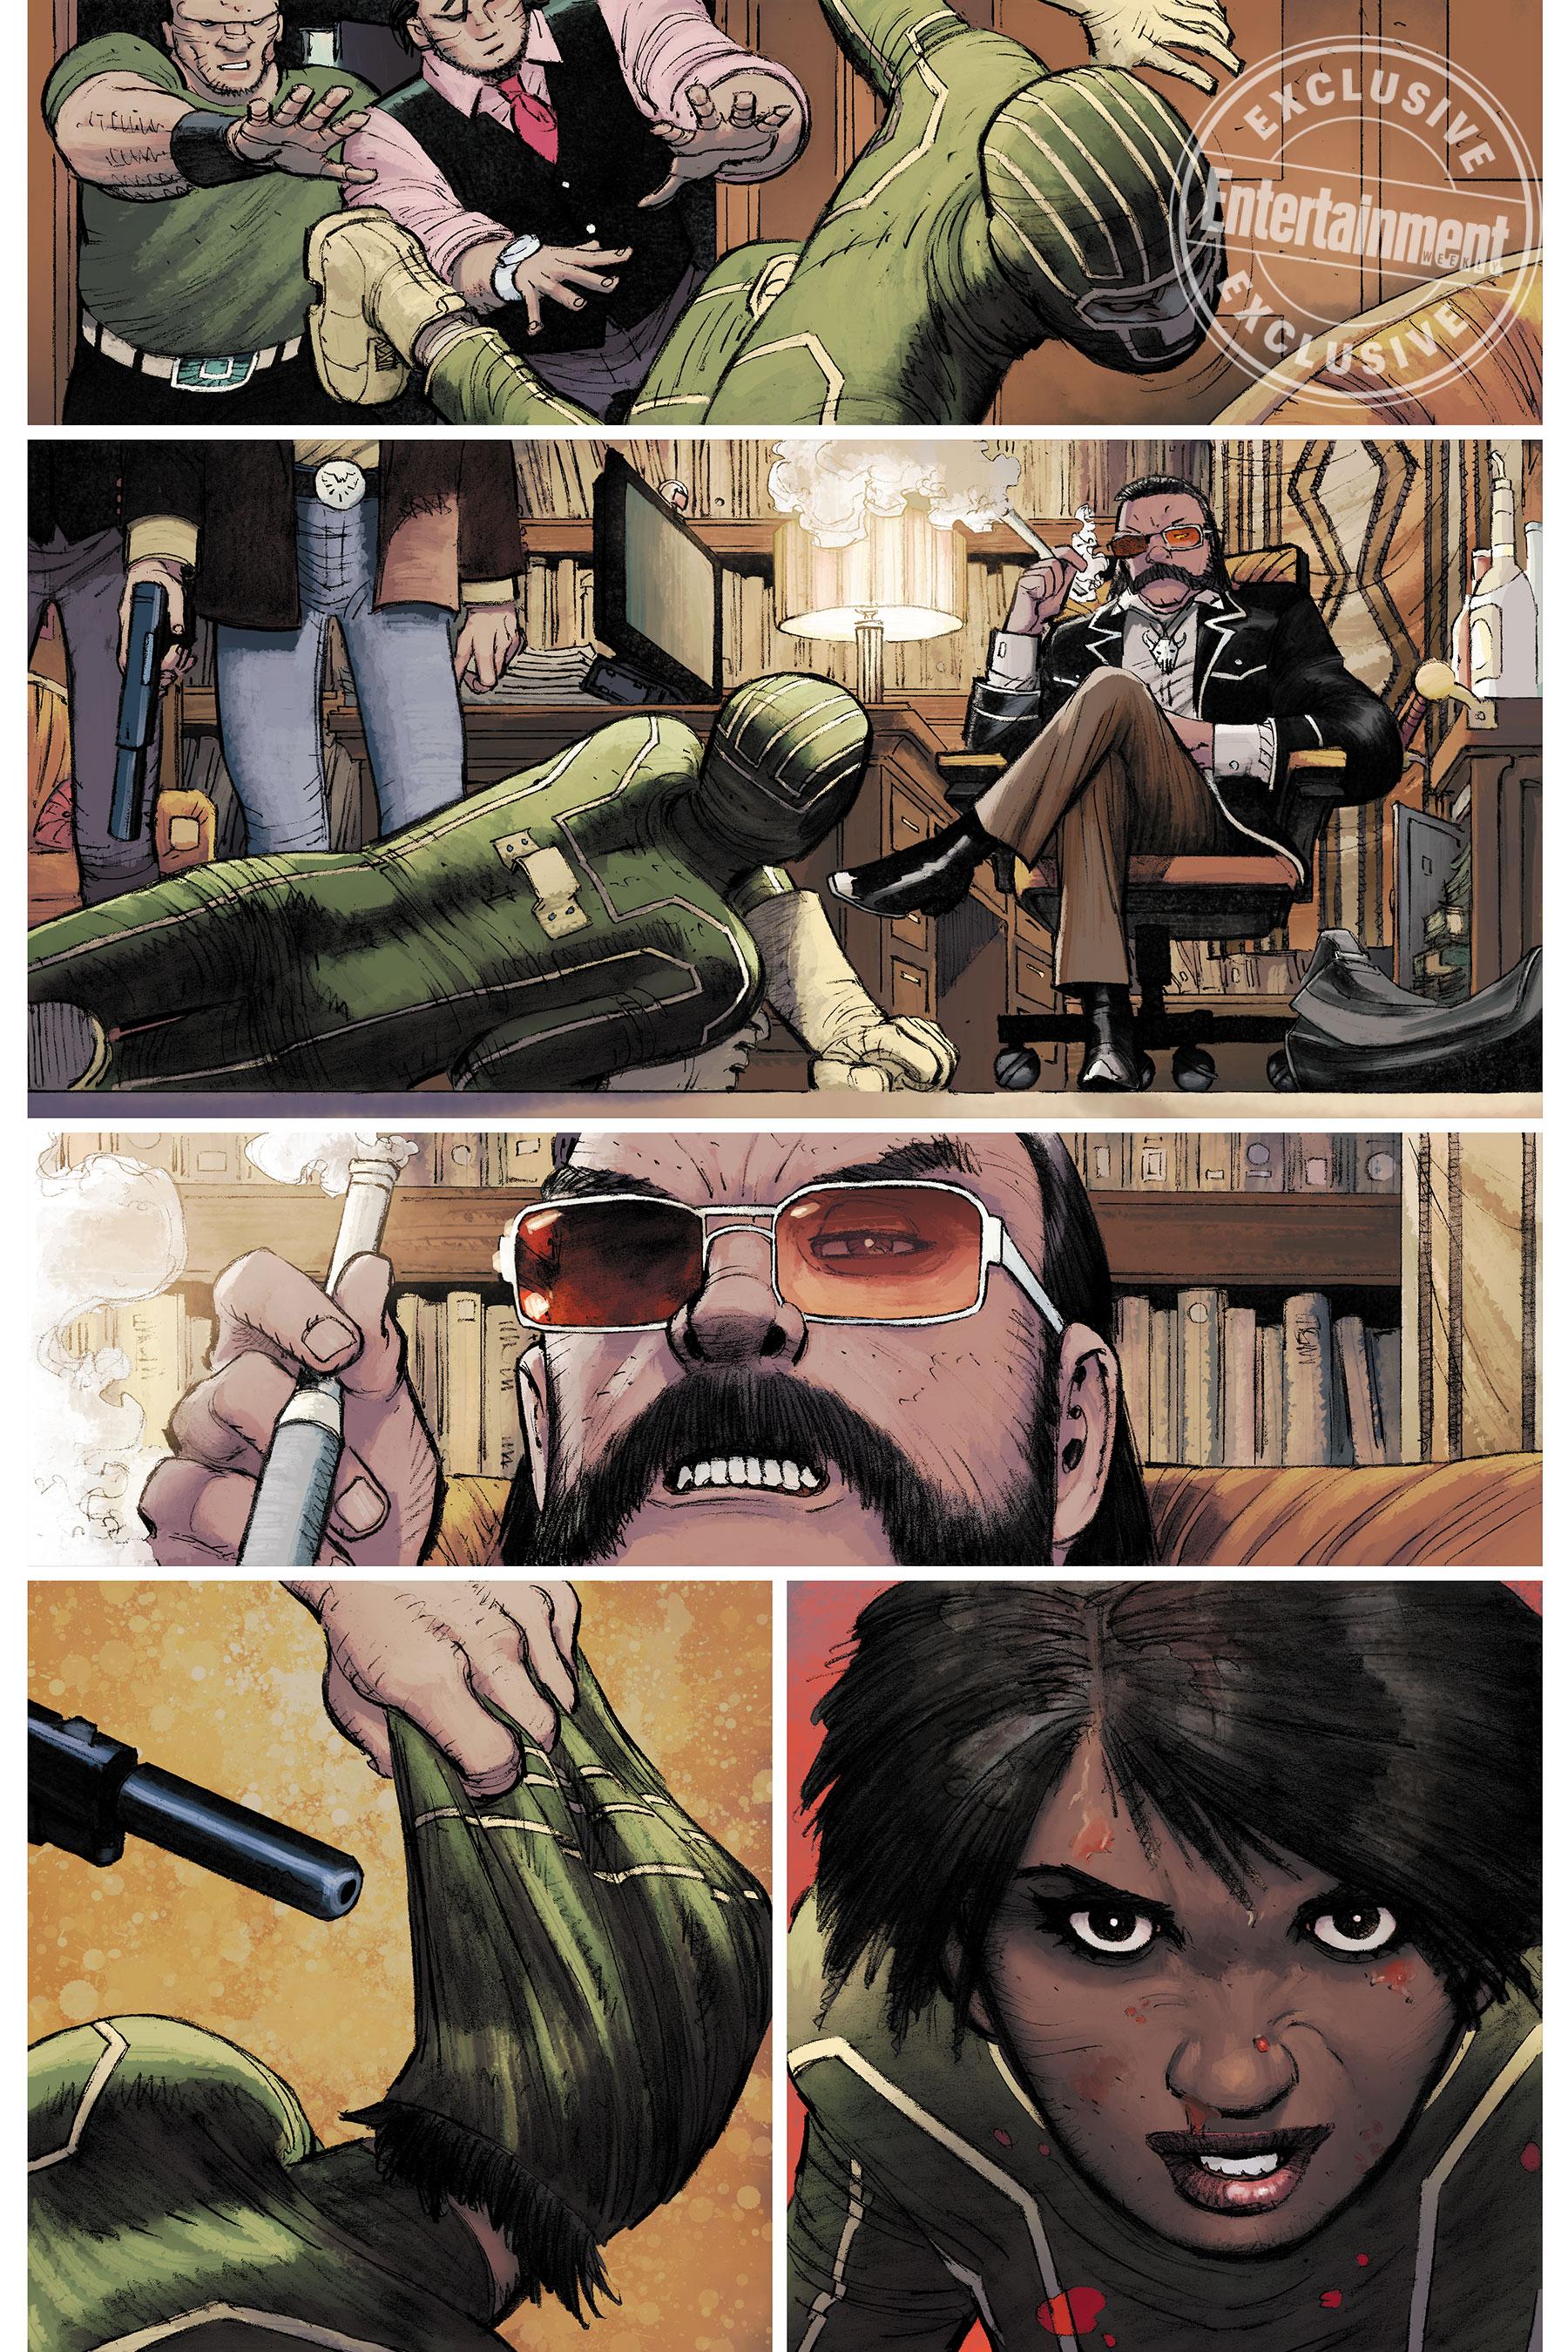 Новый Пипец из комиксов — мать двоих детей и ветеран войны 3